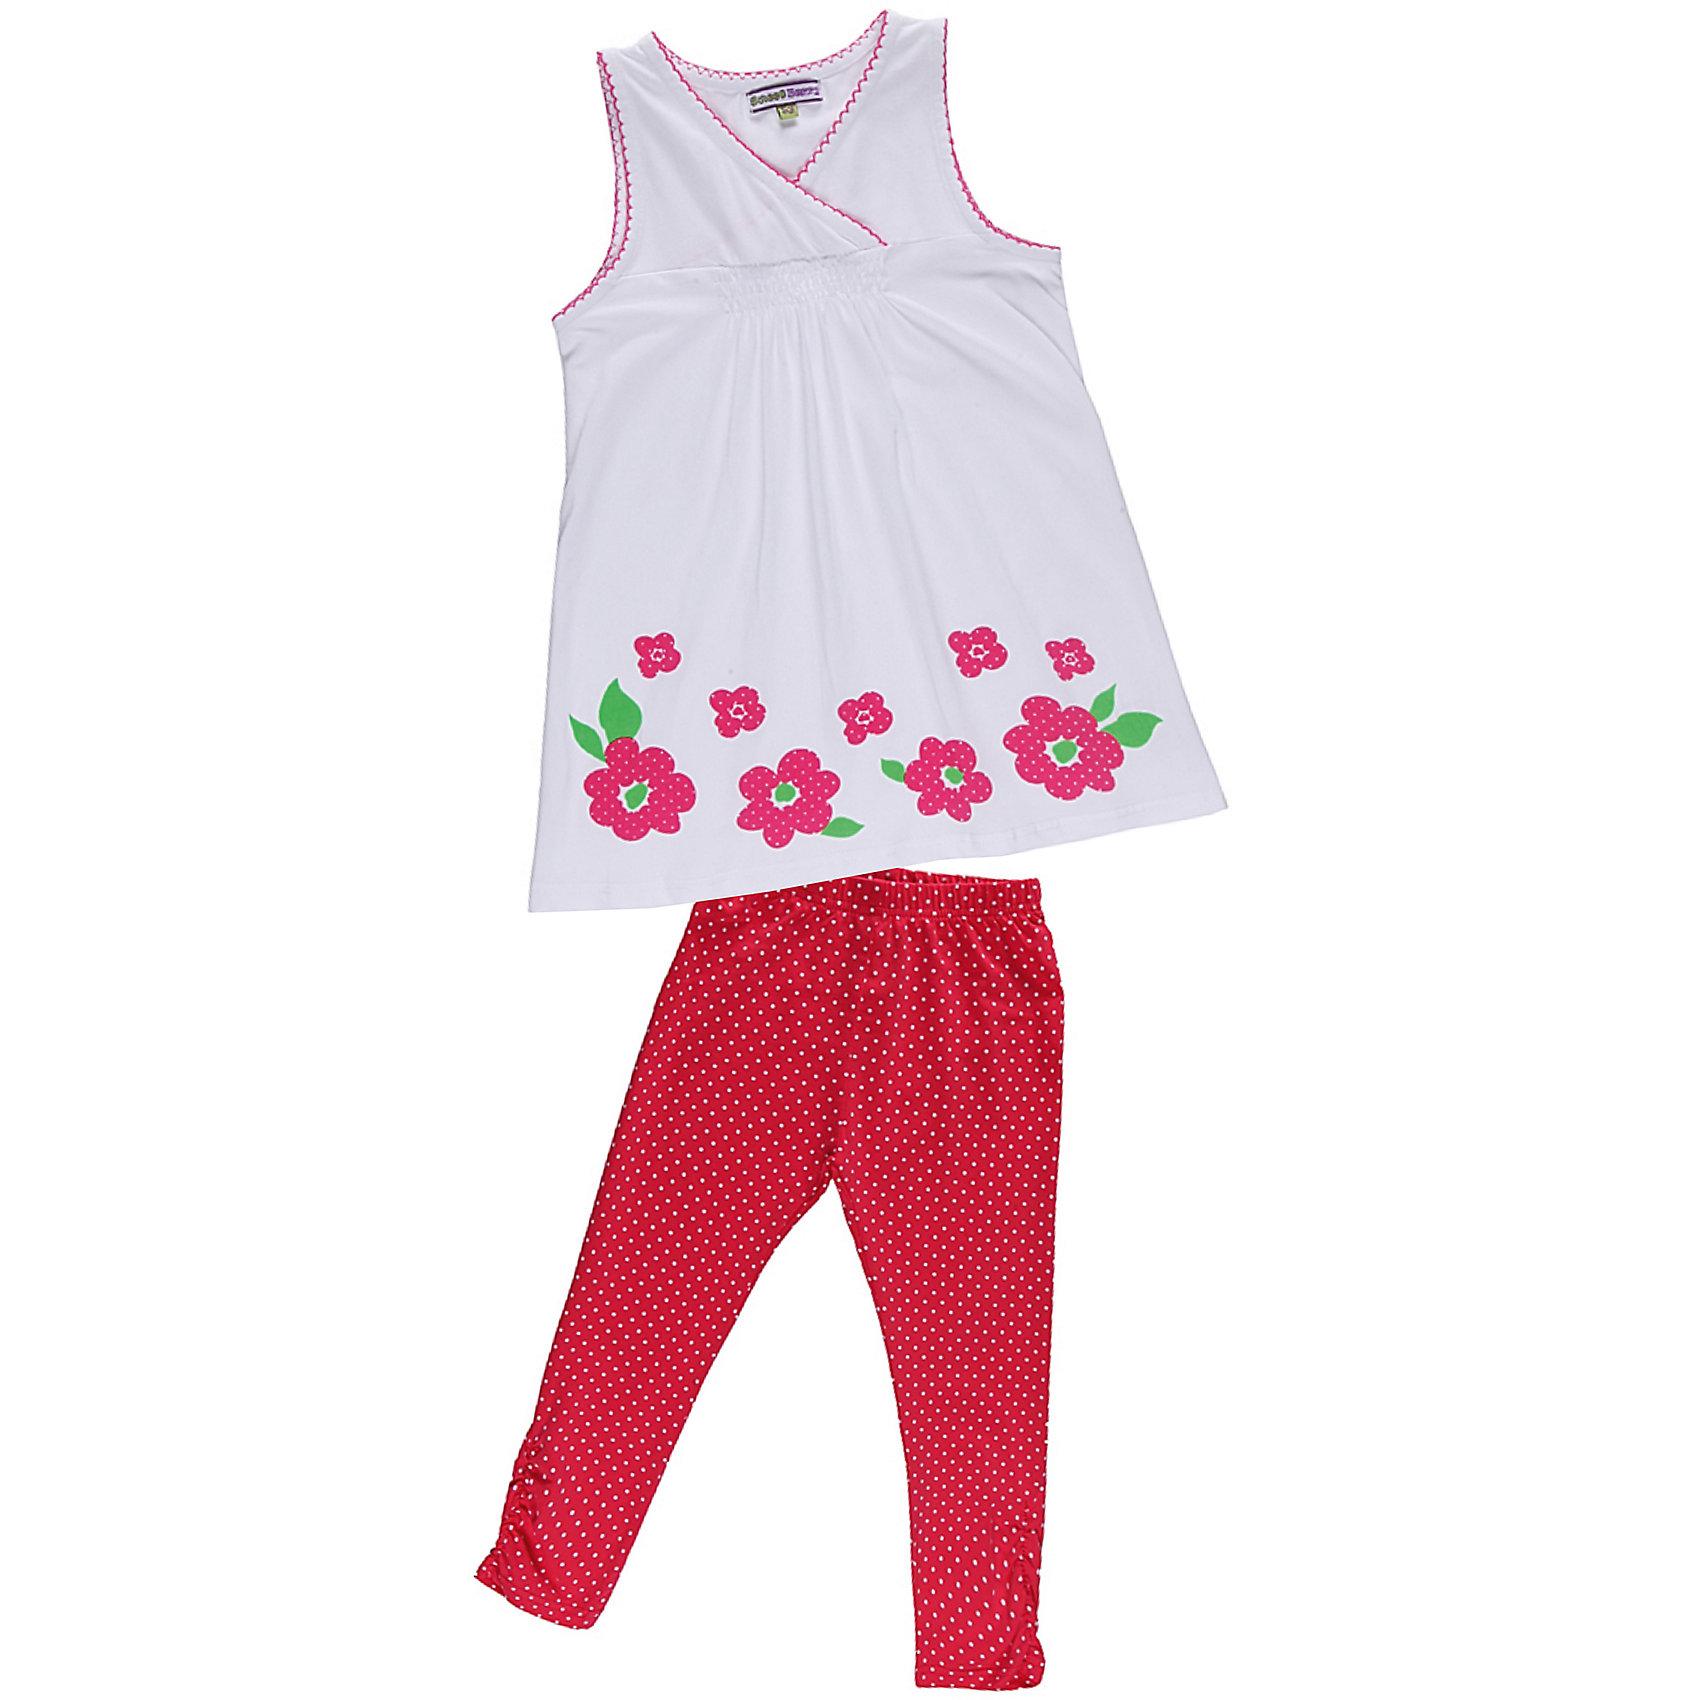 Комплект для девочки: футболка и леггинсы Sweet BerryКомплекты<br>Комплект из эластичного трикотажа. Декорирован принтом, сборкой и фигурной отделкой.<br>Состав:<br>95% хлопок, 5% эластан<br><br>Ширина мм: 199<br>Глубина мм: 10<br>Высота мм: 161<br>Вес г: 151<br>Цвет: бело-розовый<br>Возраст от месяцев: 84<br>Возраст до месяцев: 96<br>Пол: Женский<br>Возраст: Детский<br>Размер: 128,116,122,98,104,110<br>SKU: 4521413